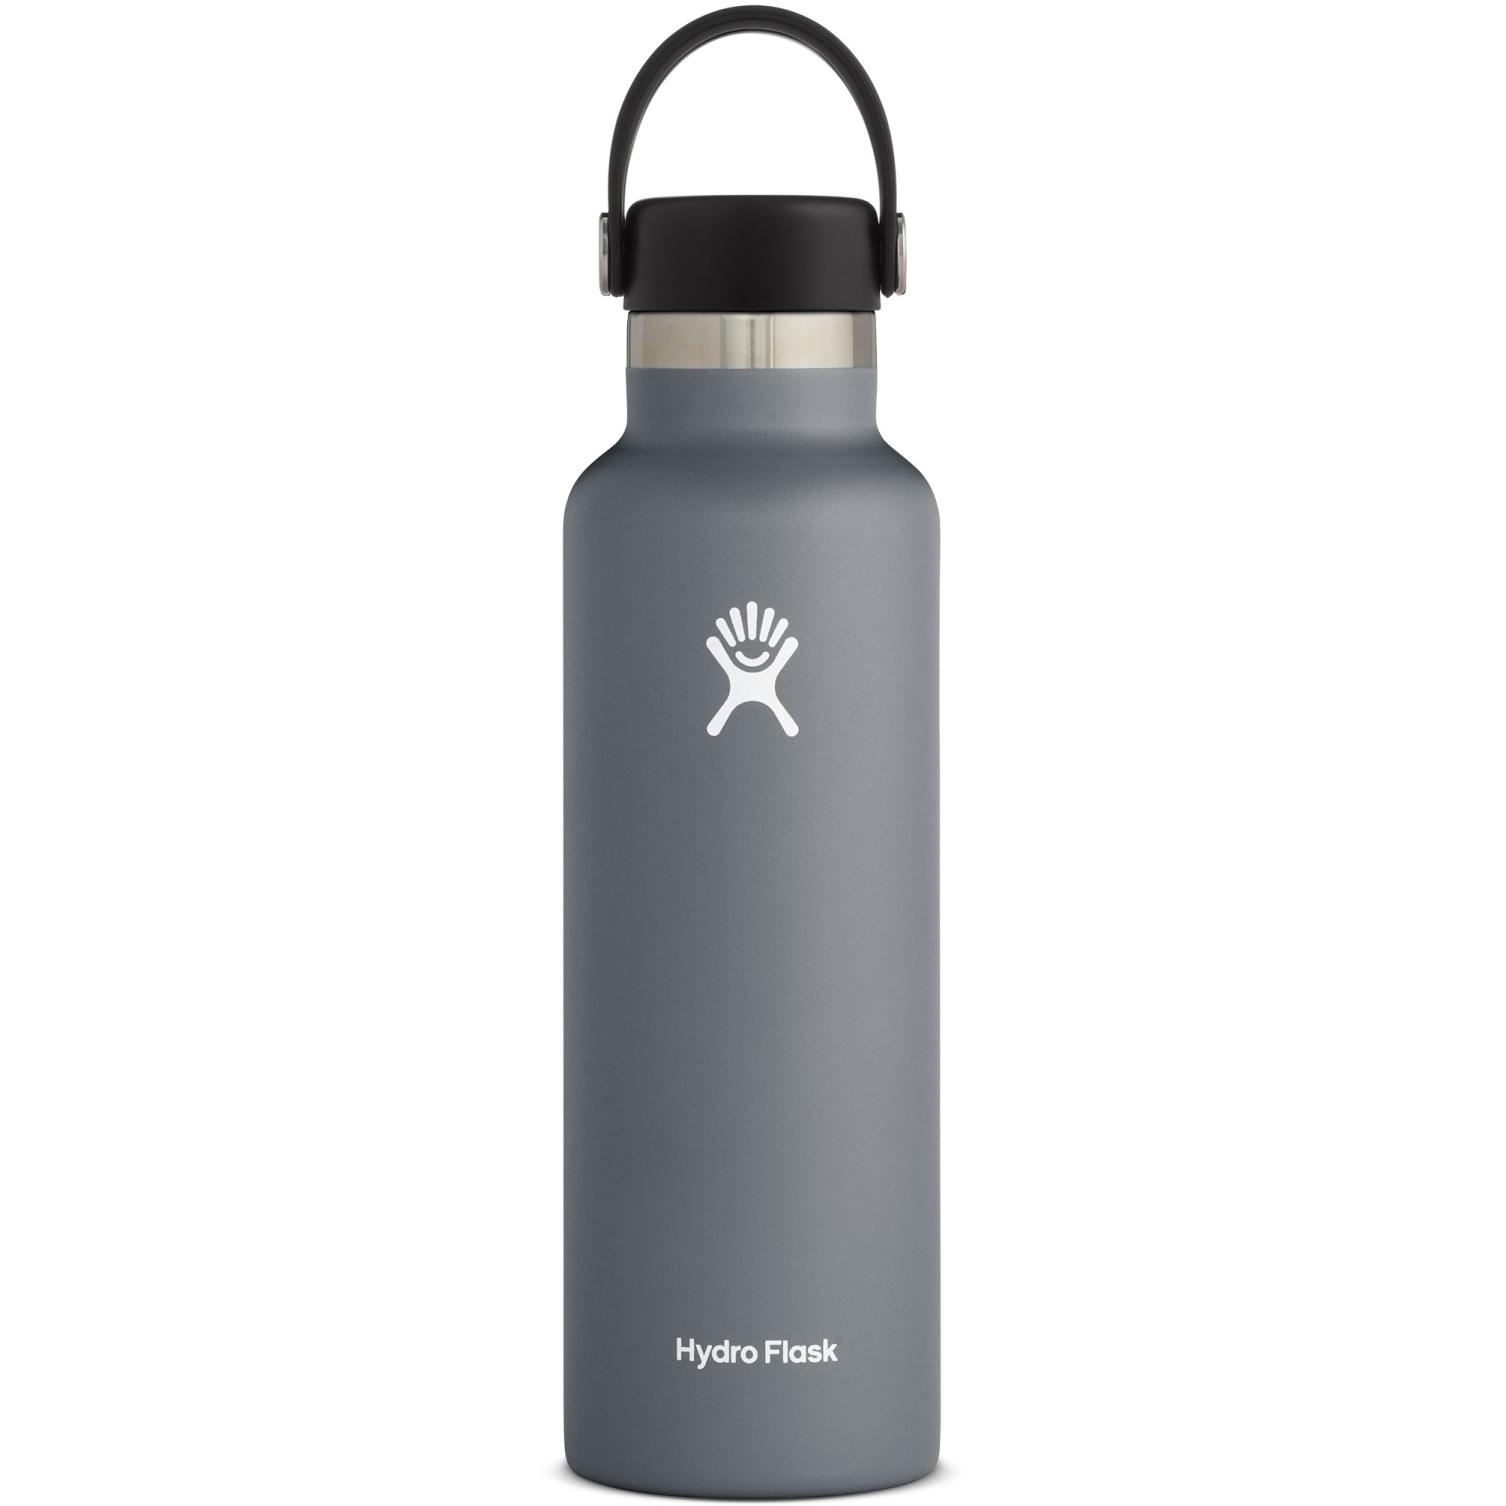 Produktbild von Hydro Flask 24oz Standard Mouth Flex Cap Thermoflasche 710ml - Stone